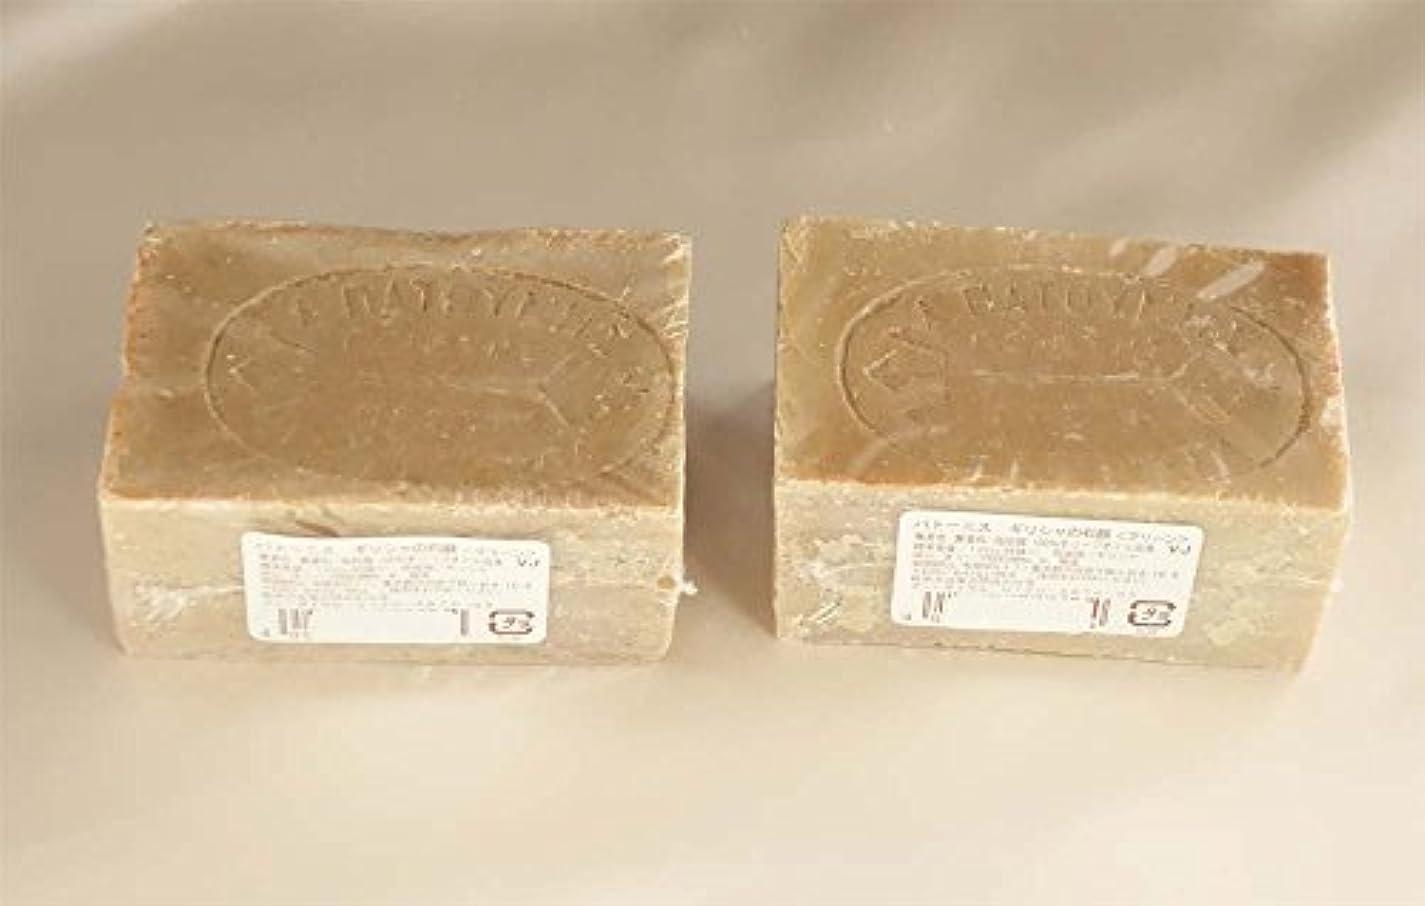 パキスタンはしご香水パトーニス ギリシャの石けん グリーン 120g ×2個パック / オーガニック オリーブオイル / 無添加 / 洗顔 / 全身